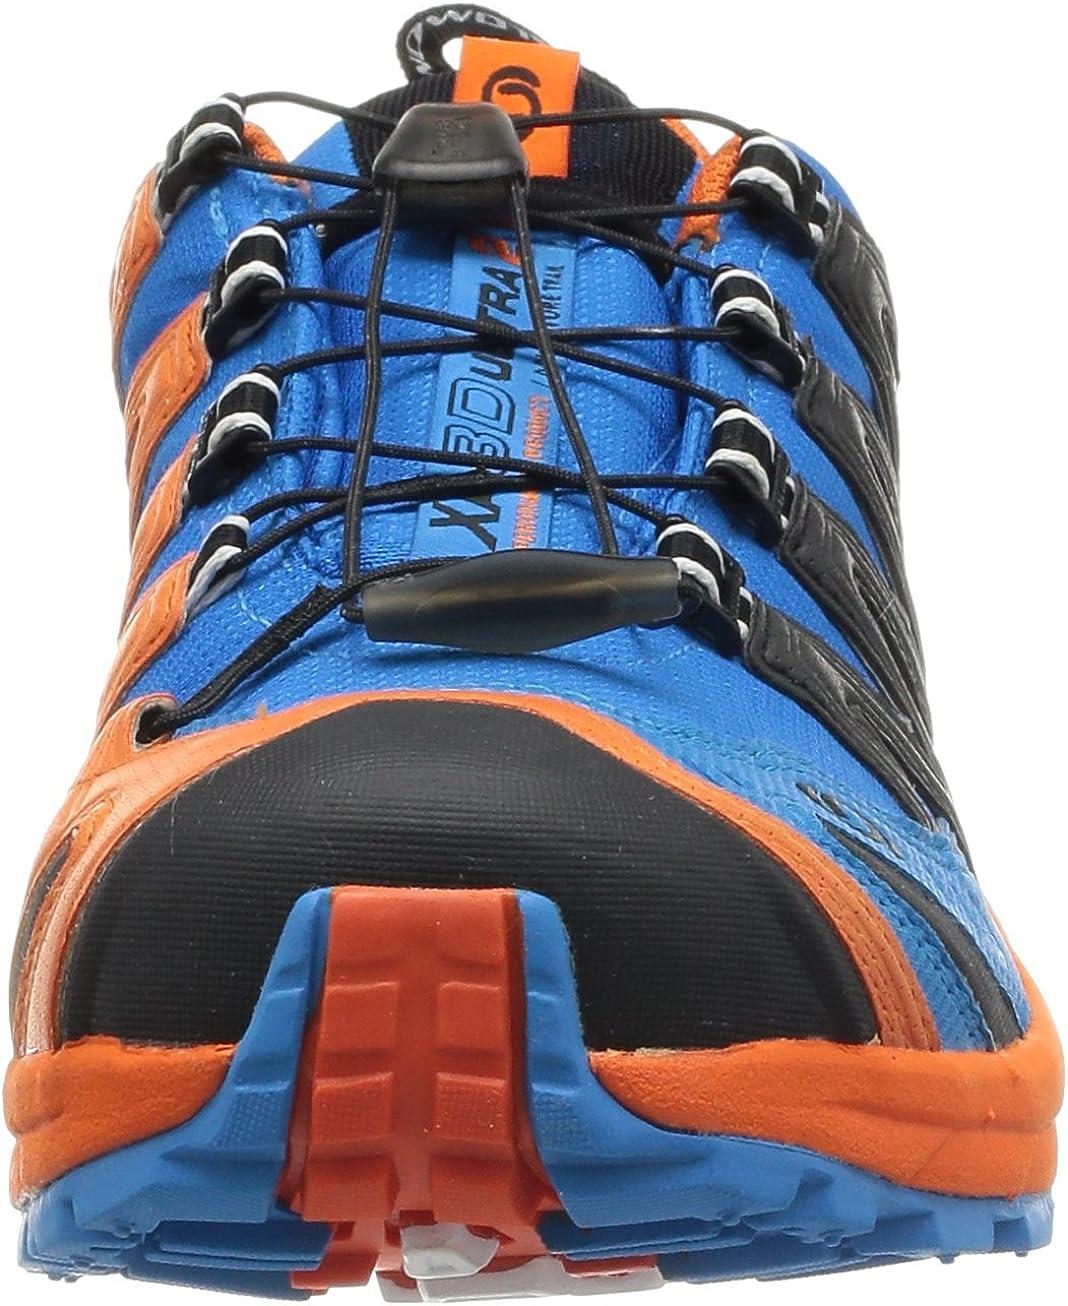 Chaussures de Running Homme SALOMON XA Pro 3D Ultra 2 GTX